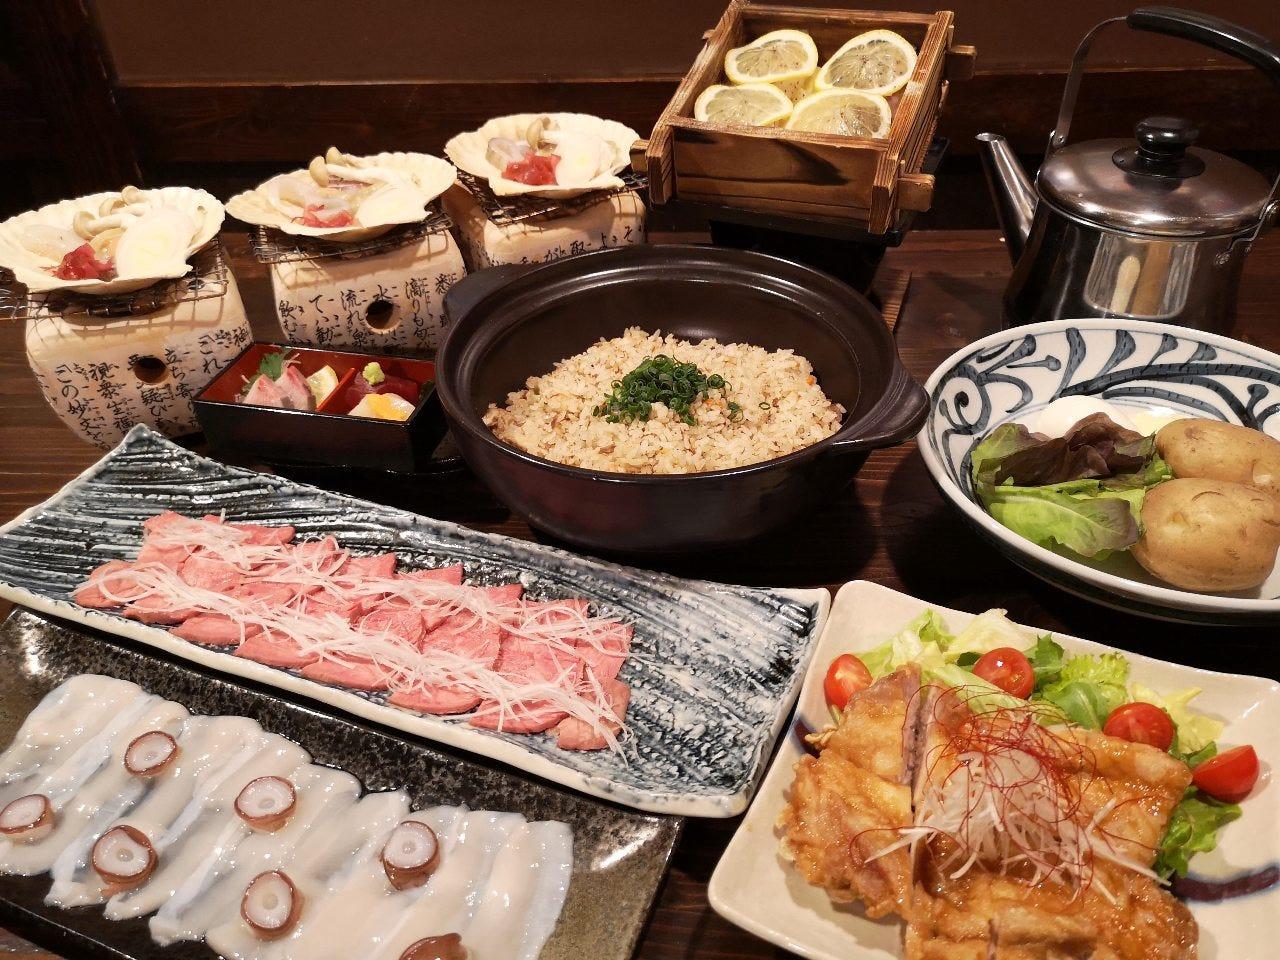 贅沢!当店5大名物付き厳選海鮮と牛リブアイステーキを味わう6000円コース!!(2時間飲み放題付)